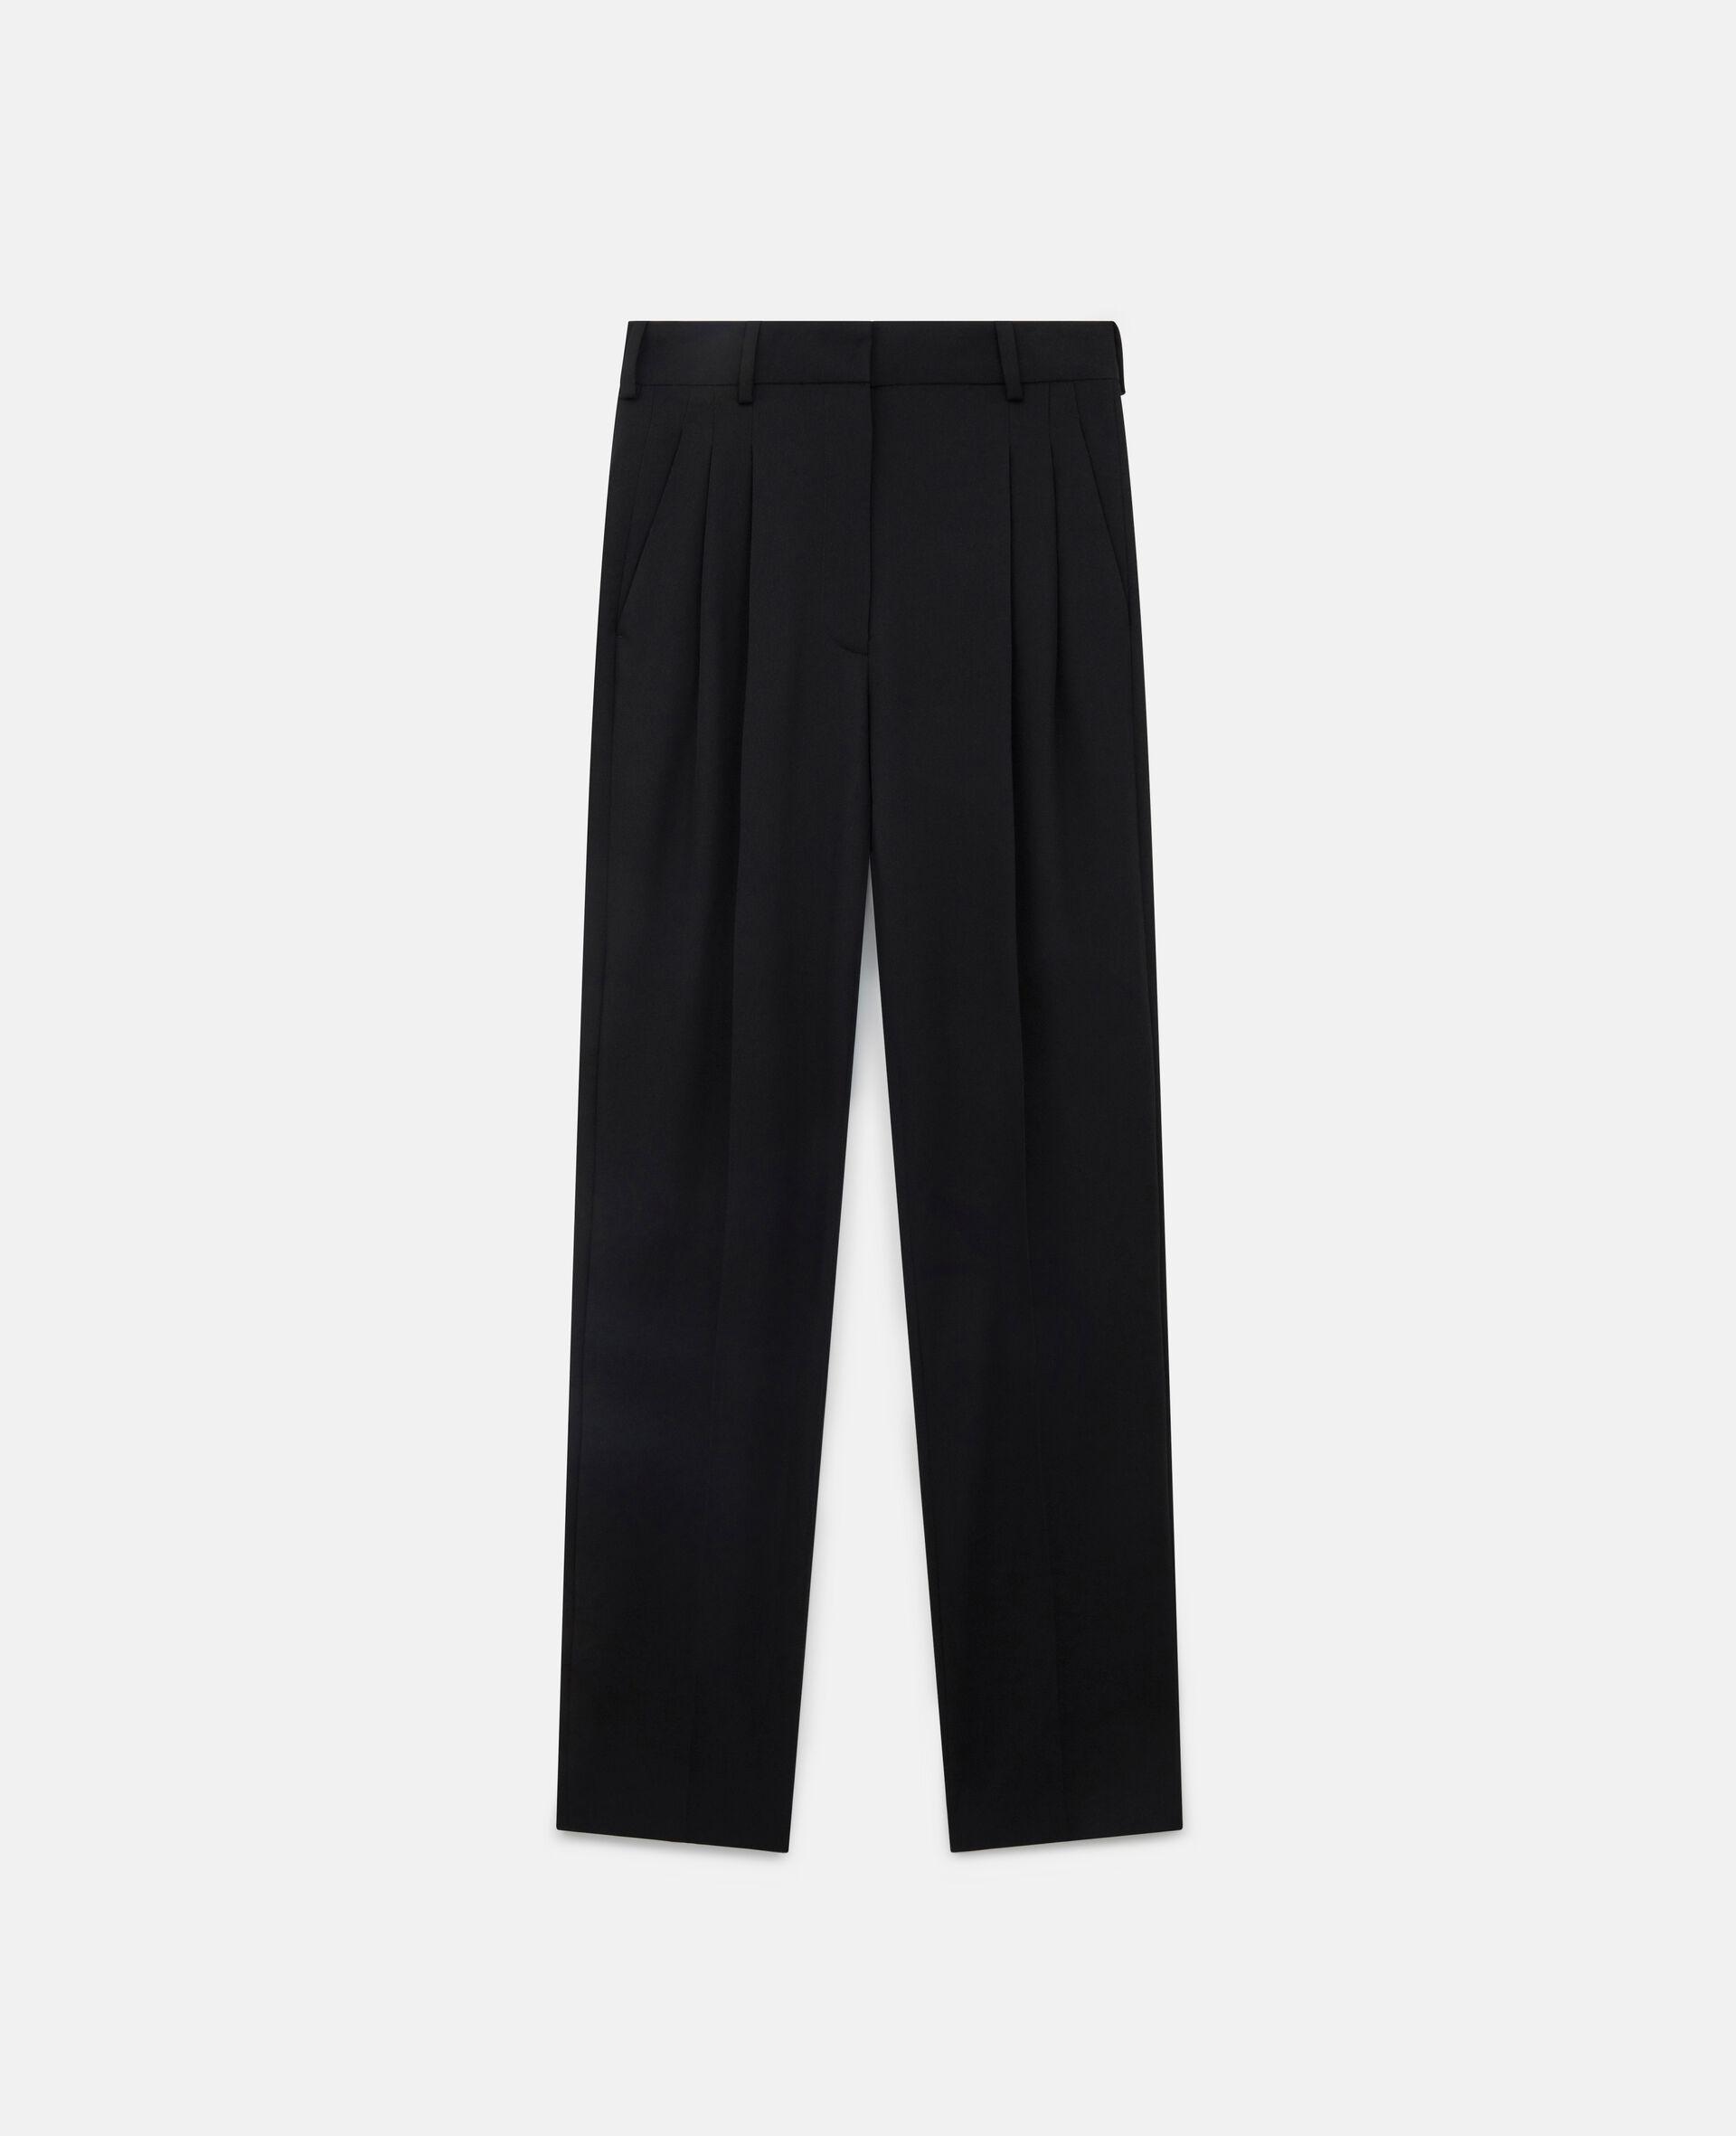 Lara Wool Pants-Black-large image number 0